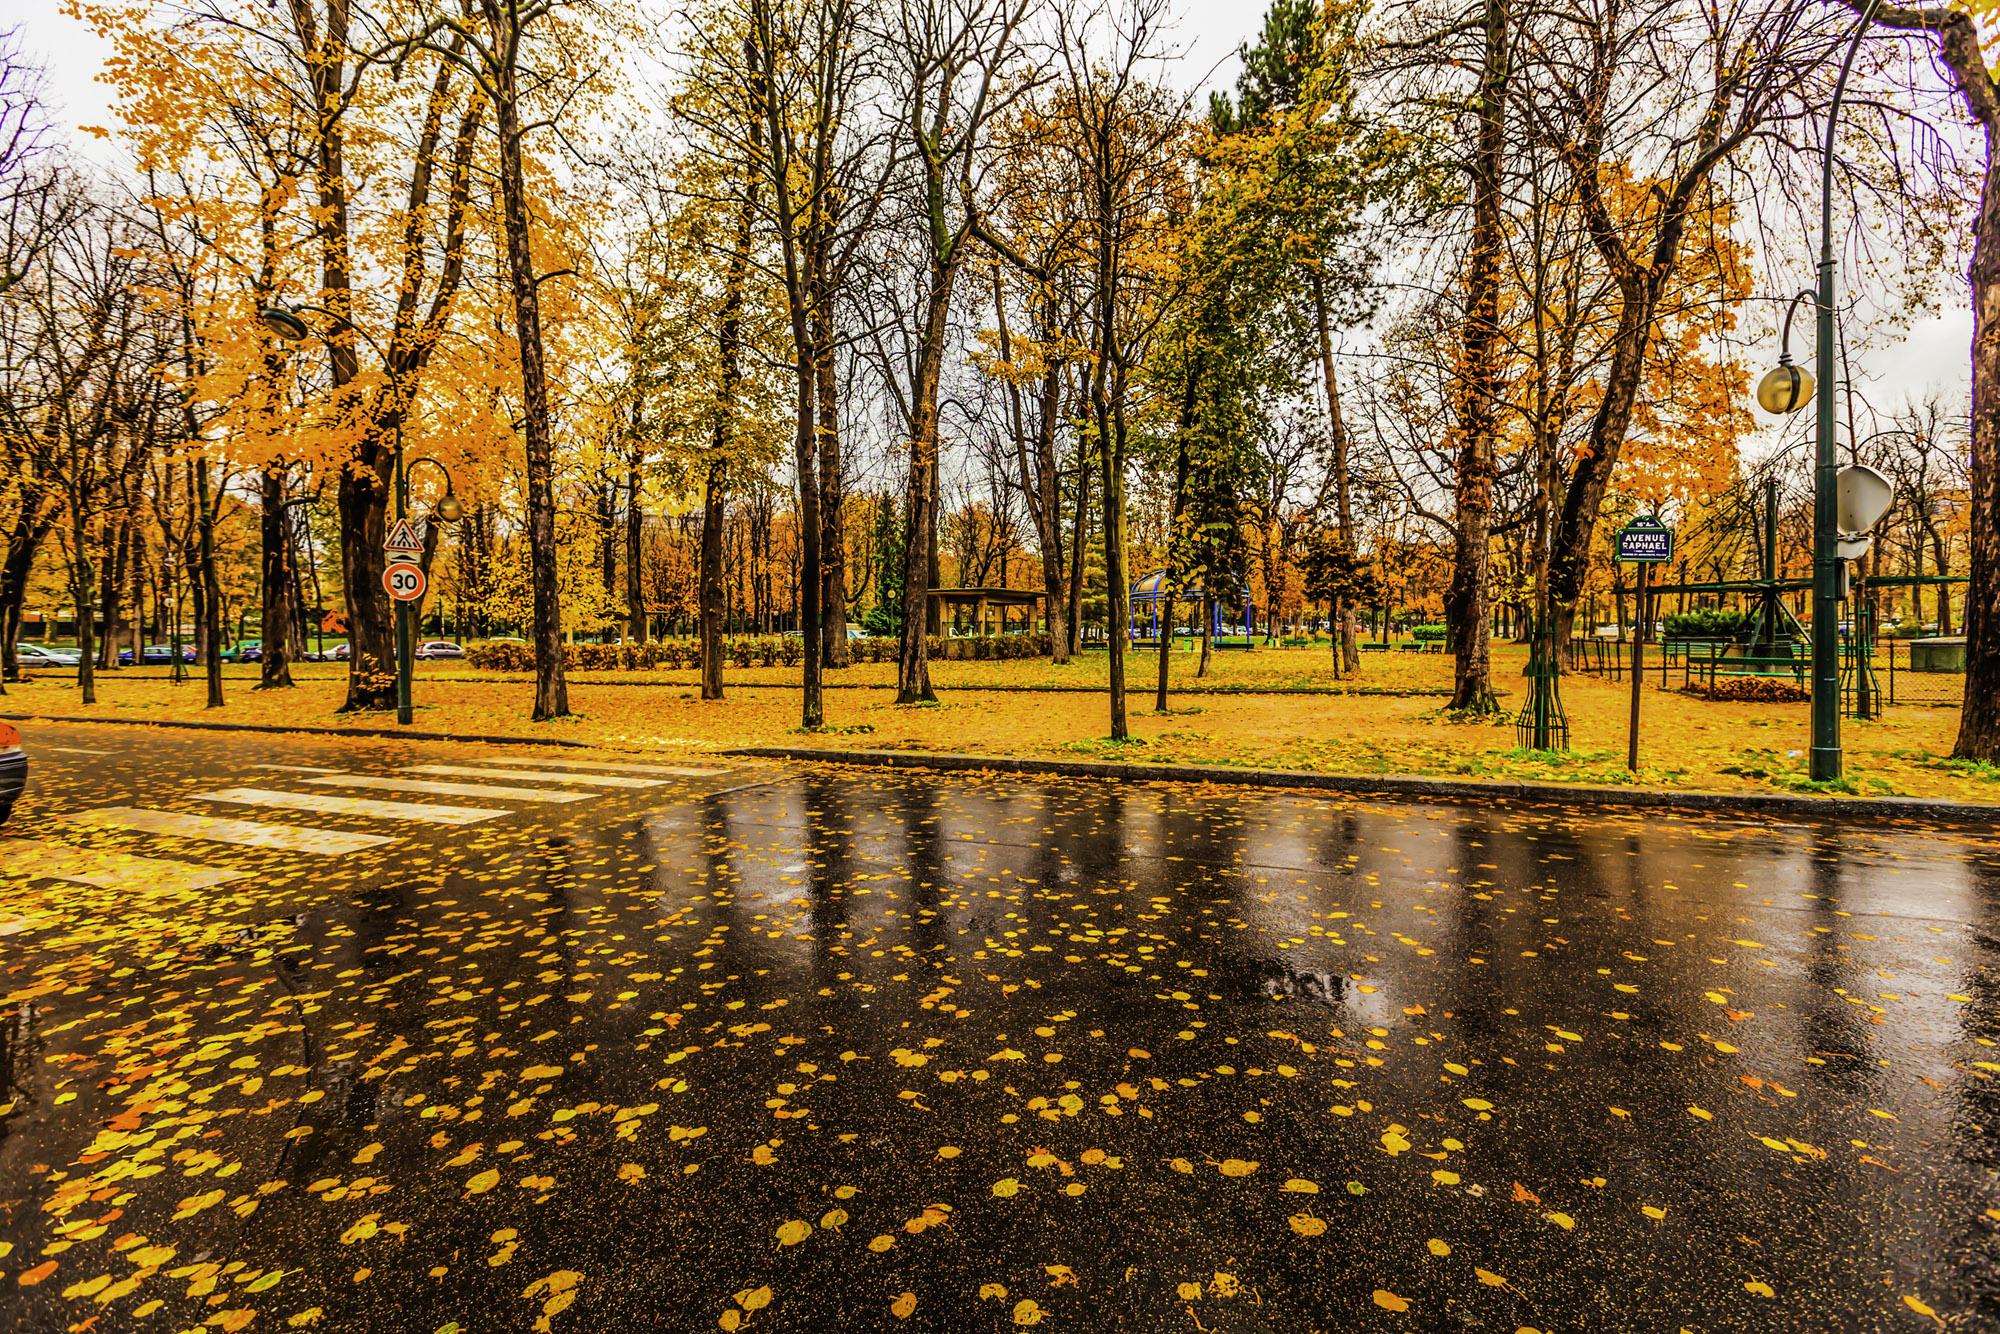 پارک جنگلی بارانی پاییزی پاریس paris raining autumn